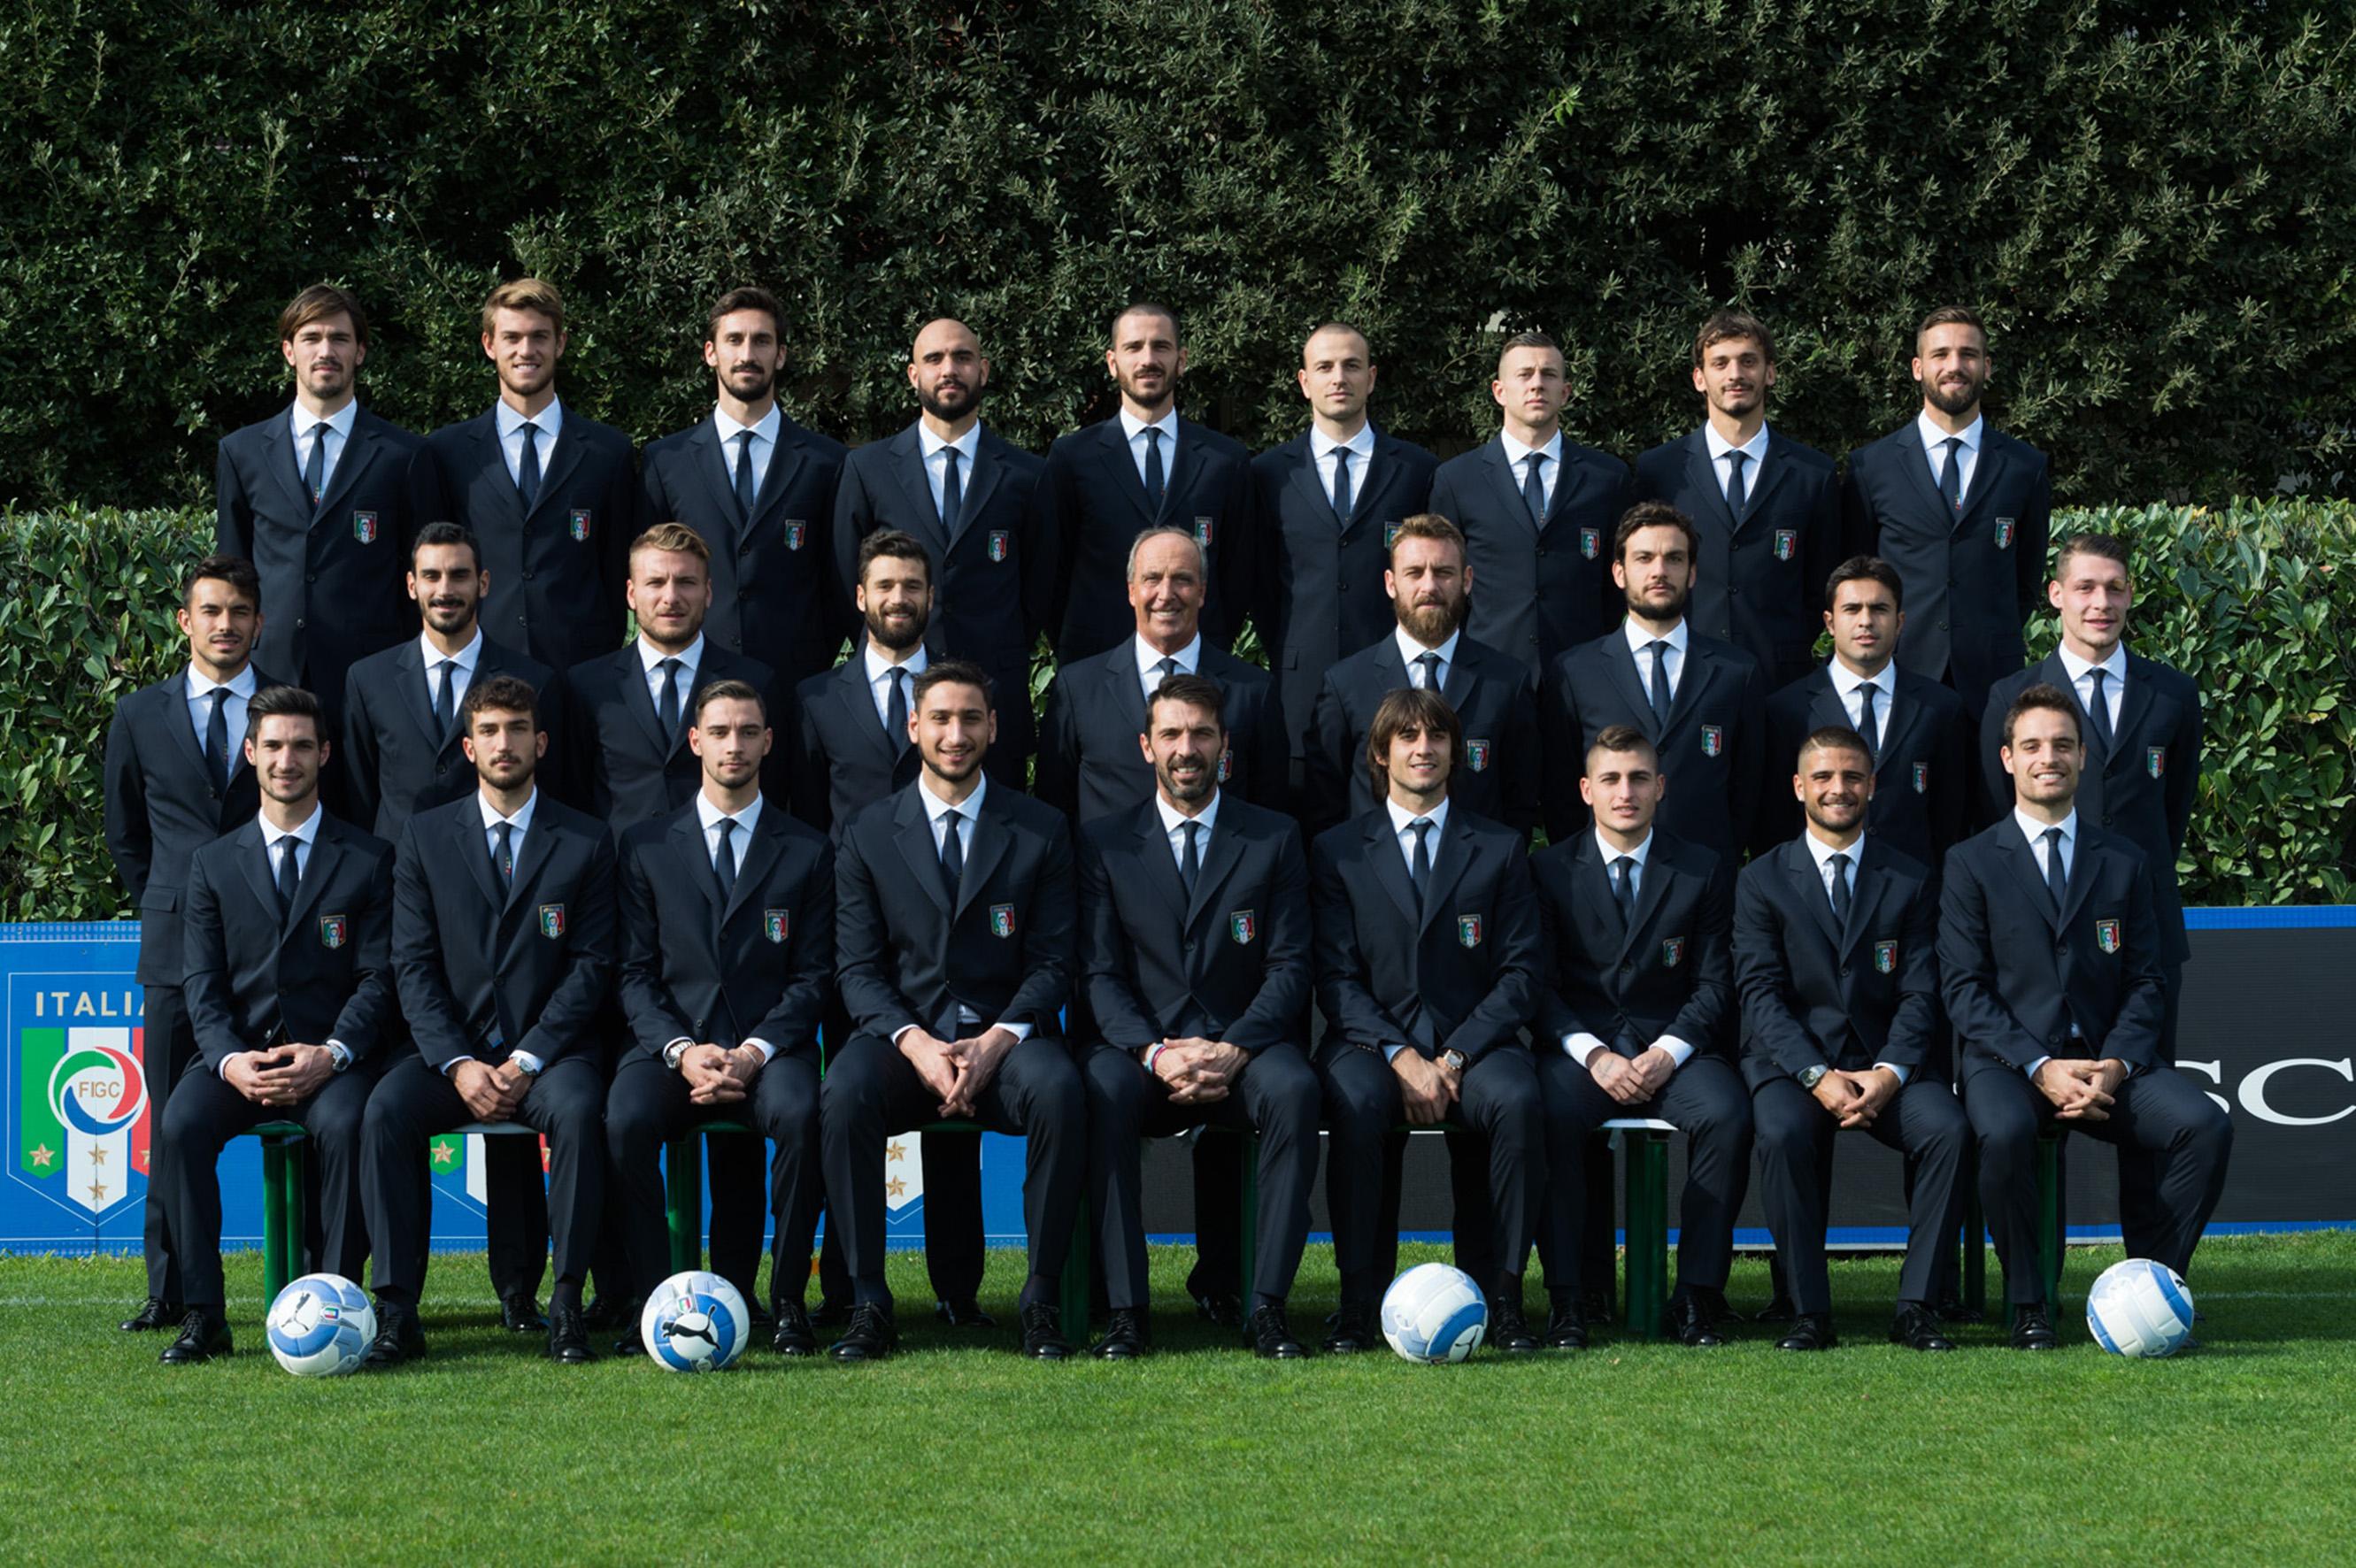 Ermanno Scervino e la Nazionale Italiana di calcio ...